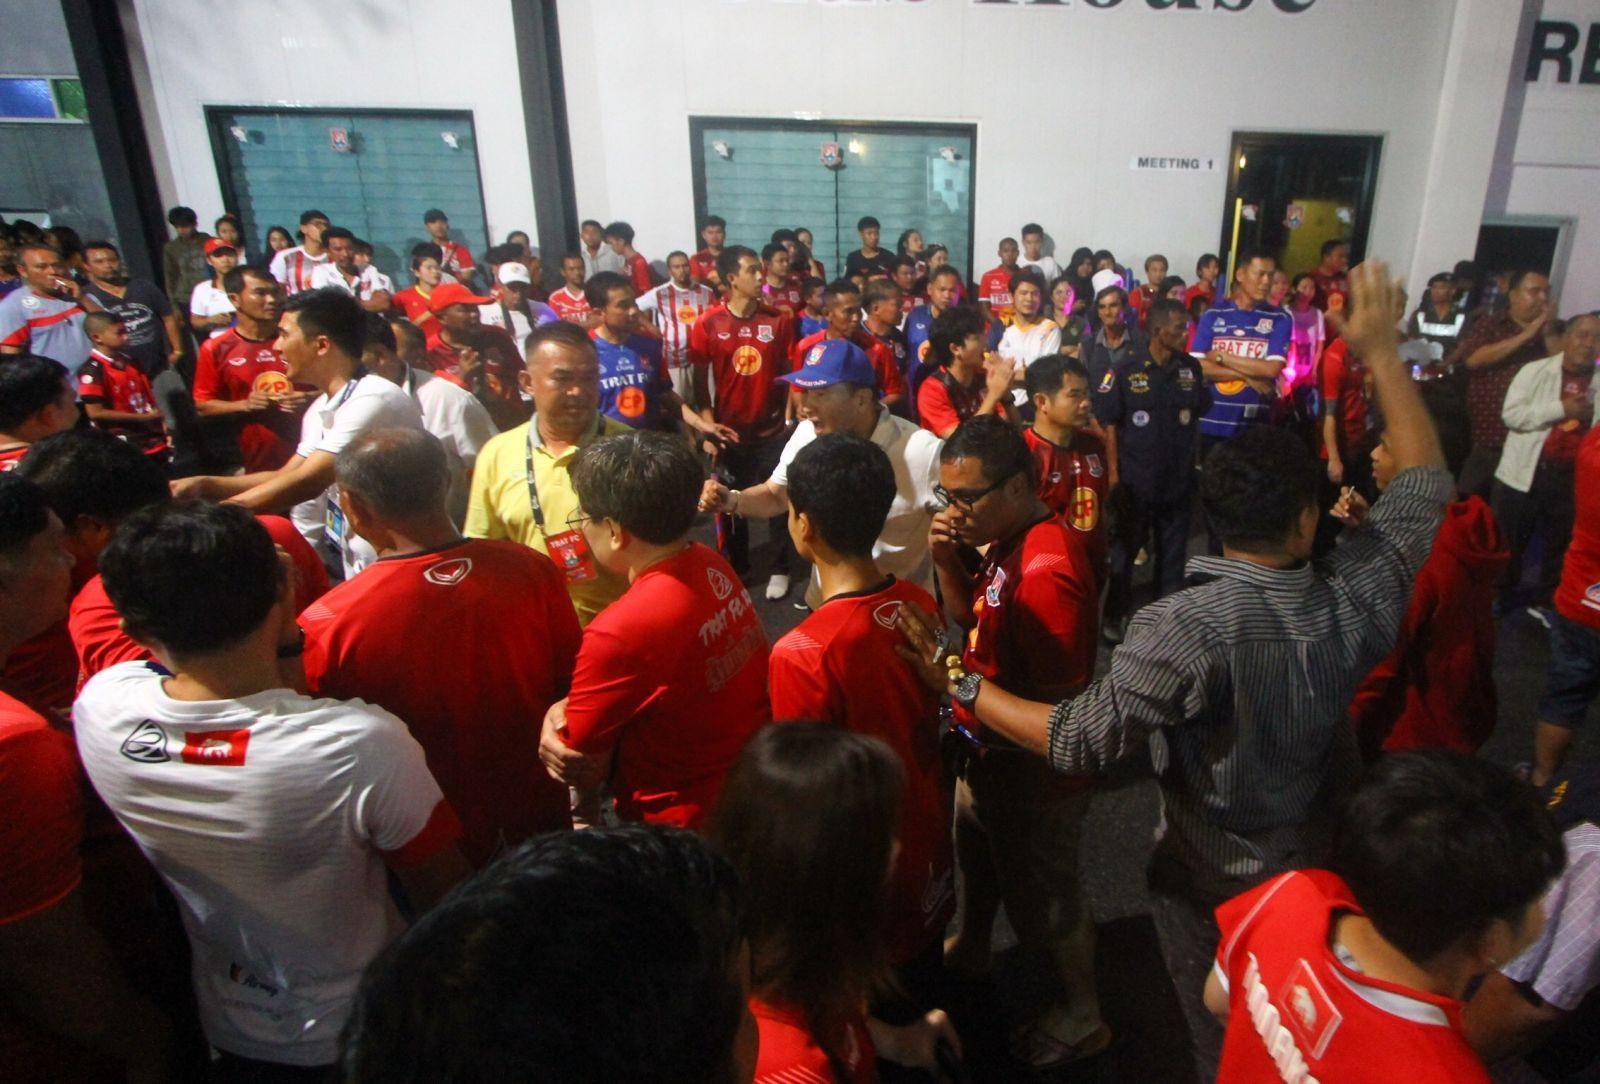 Bóng đá Thái Lan có biến lớn, xảy ra scandal từng là nỗi hổ thẹn của V.League - Ảnh 9.